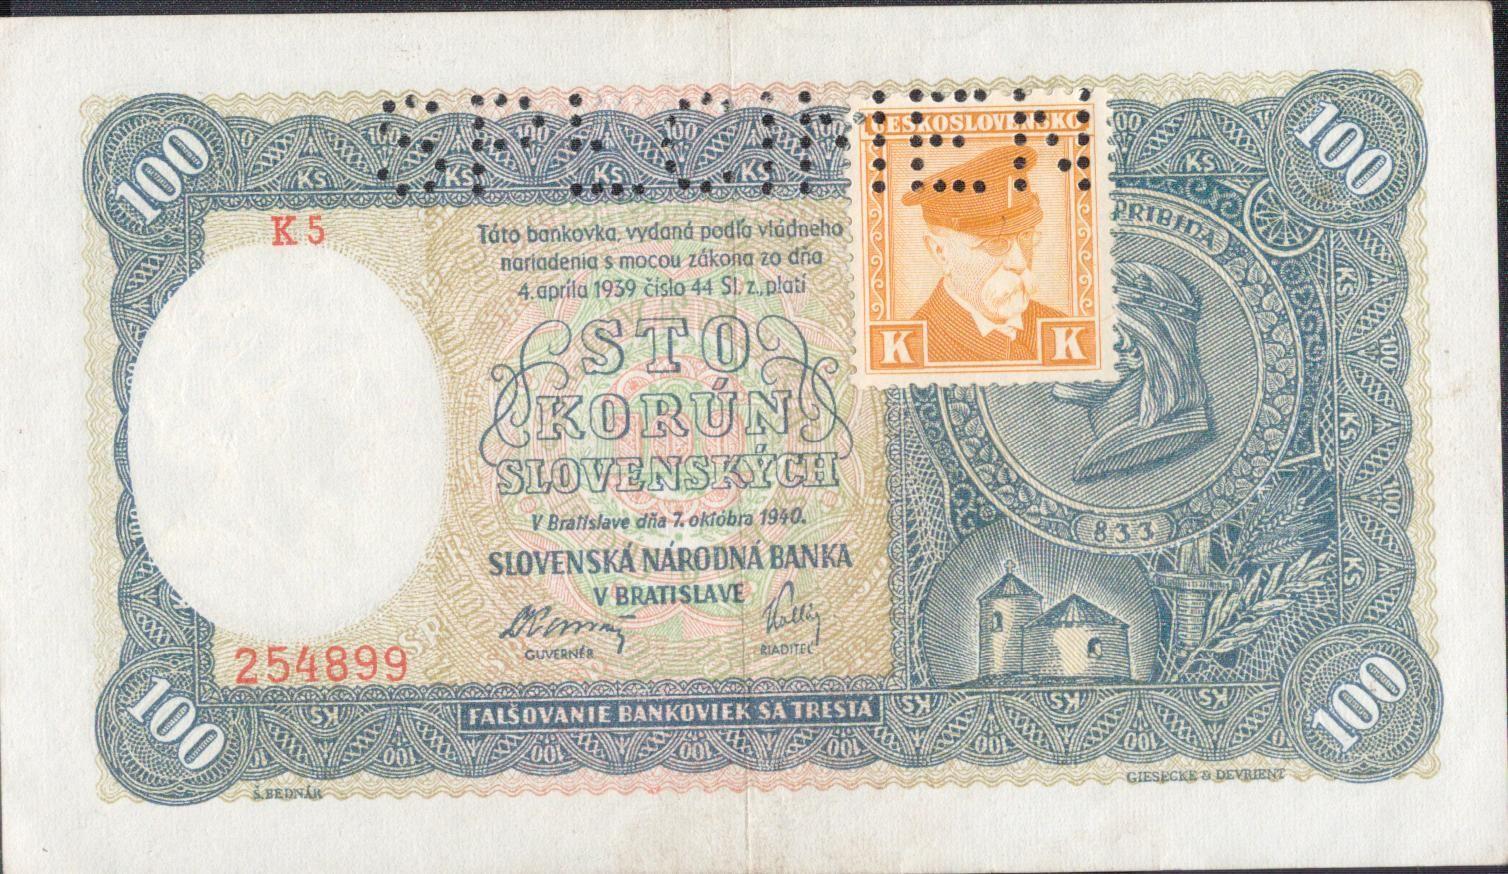 100Ks/1940-kolek ČSR/, stav 1- perf. SPECIMEN nahoře, série K 5 - I.vydání